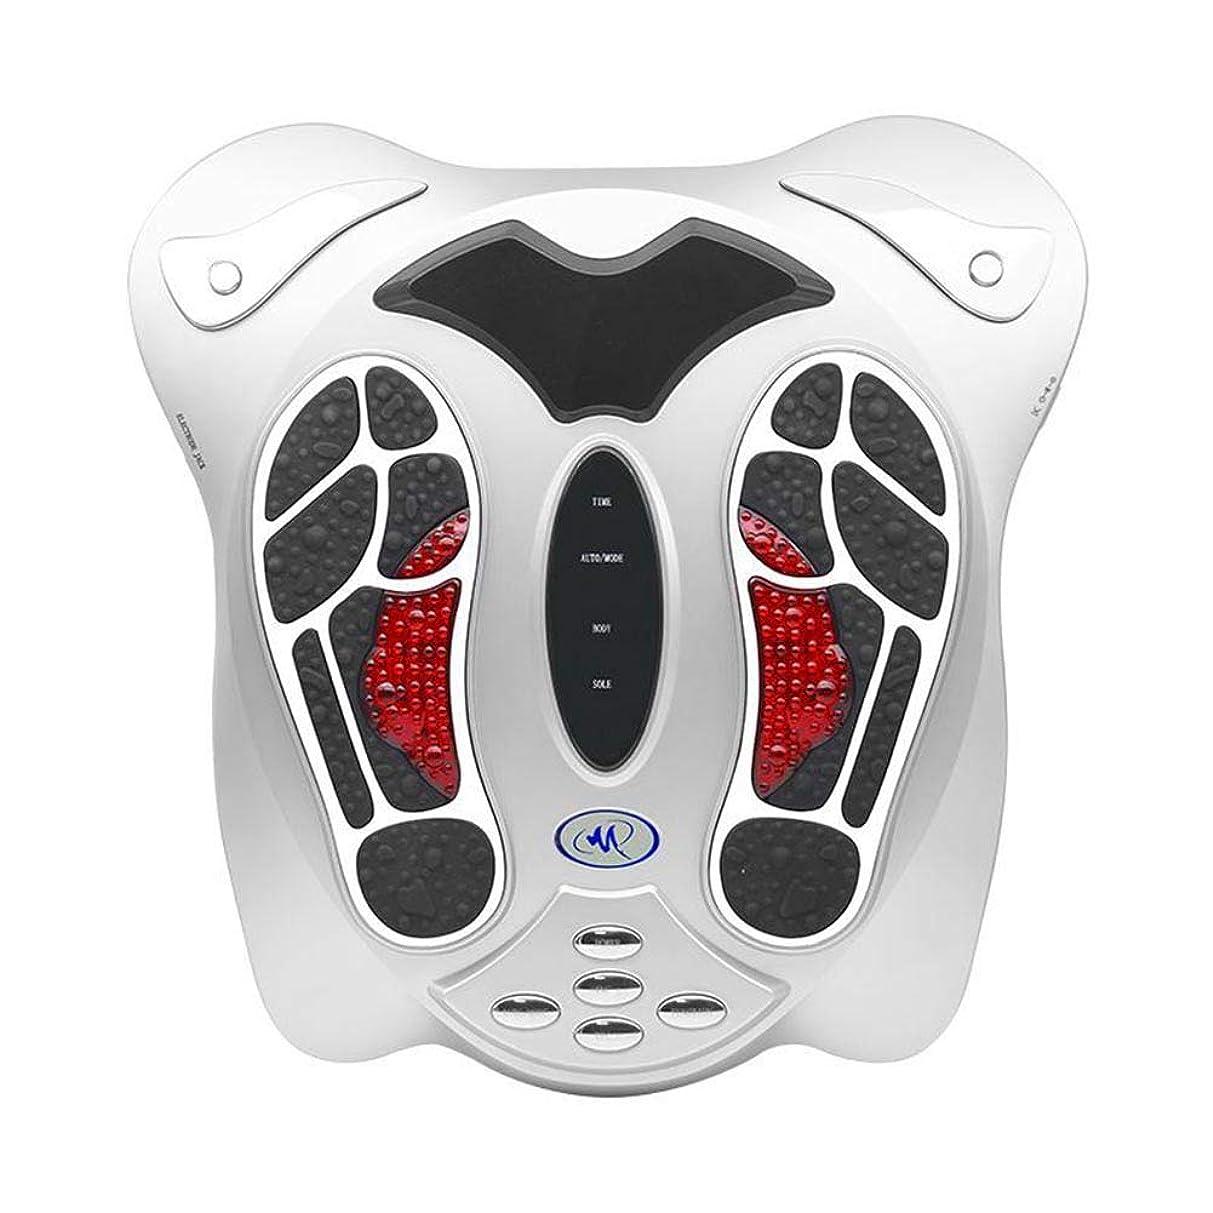 起きてワイド蜜電磁足マッサージ、血行管理コントロールと赤外線リモコンによるデザイン